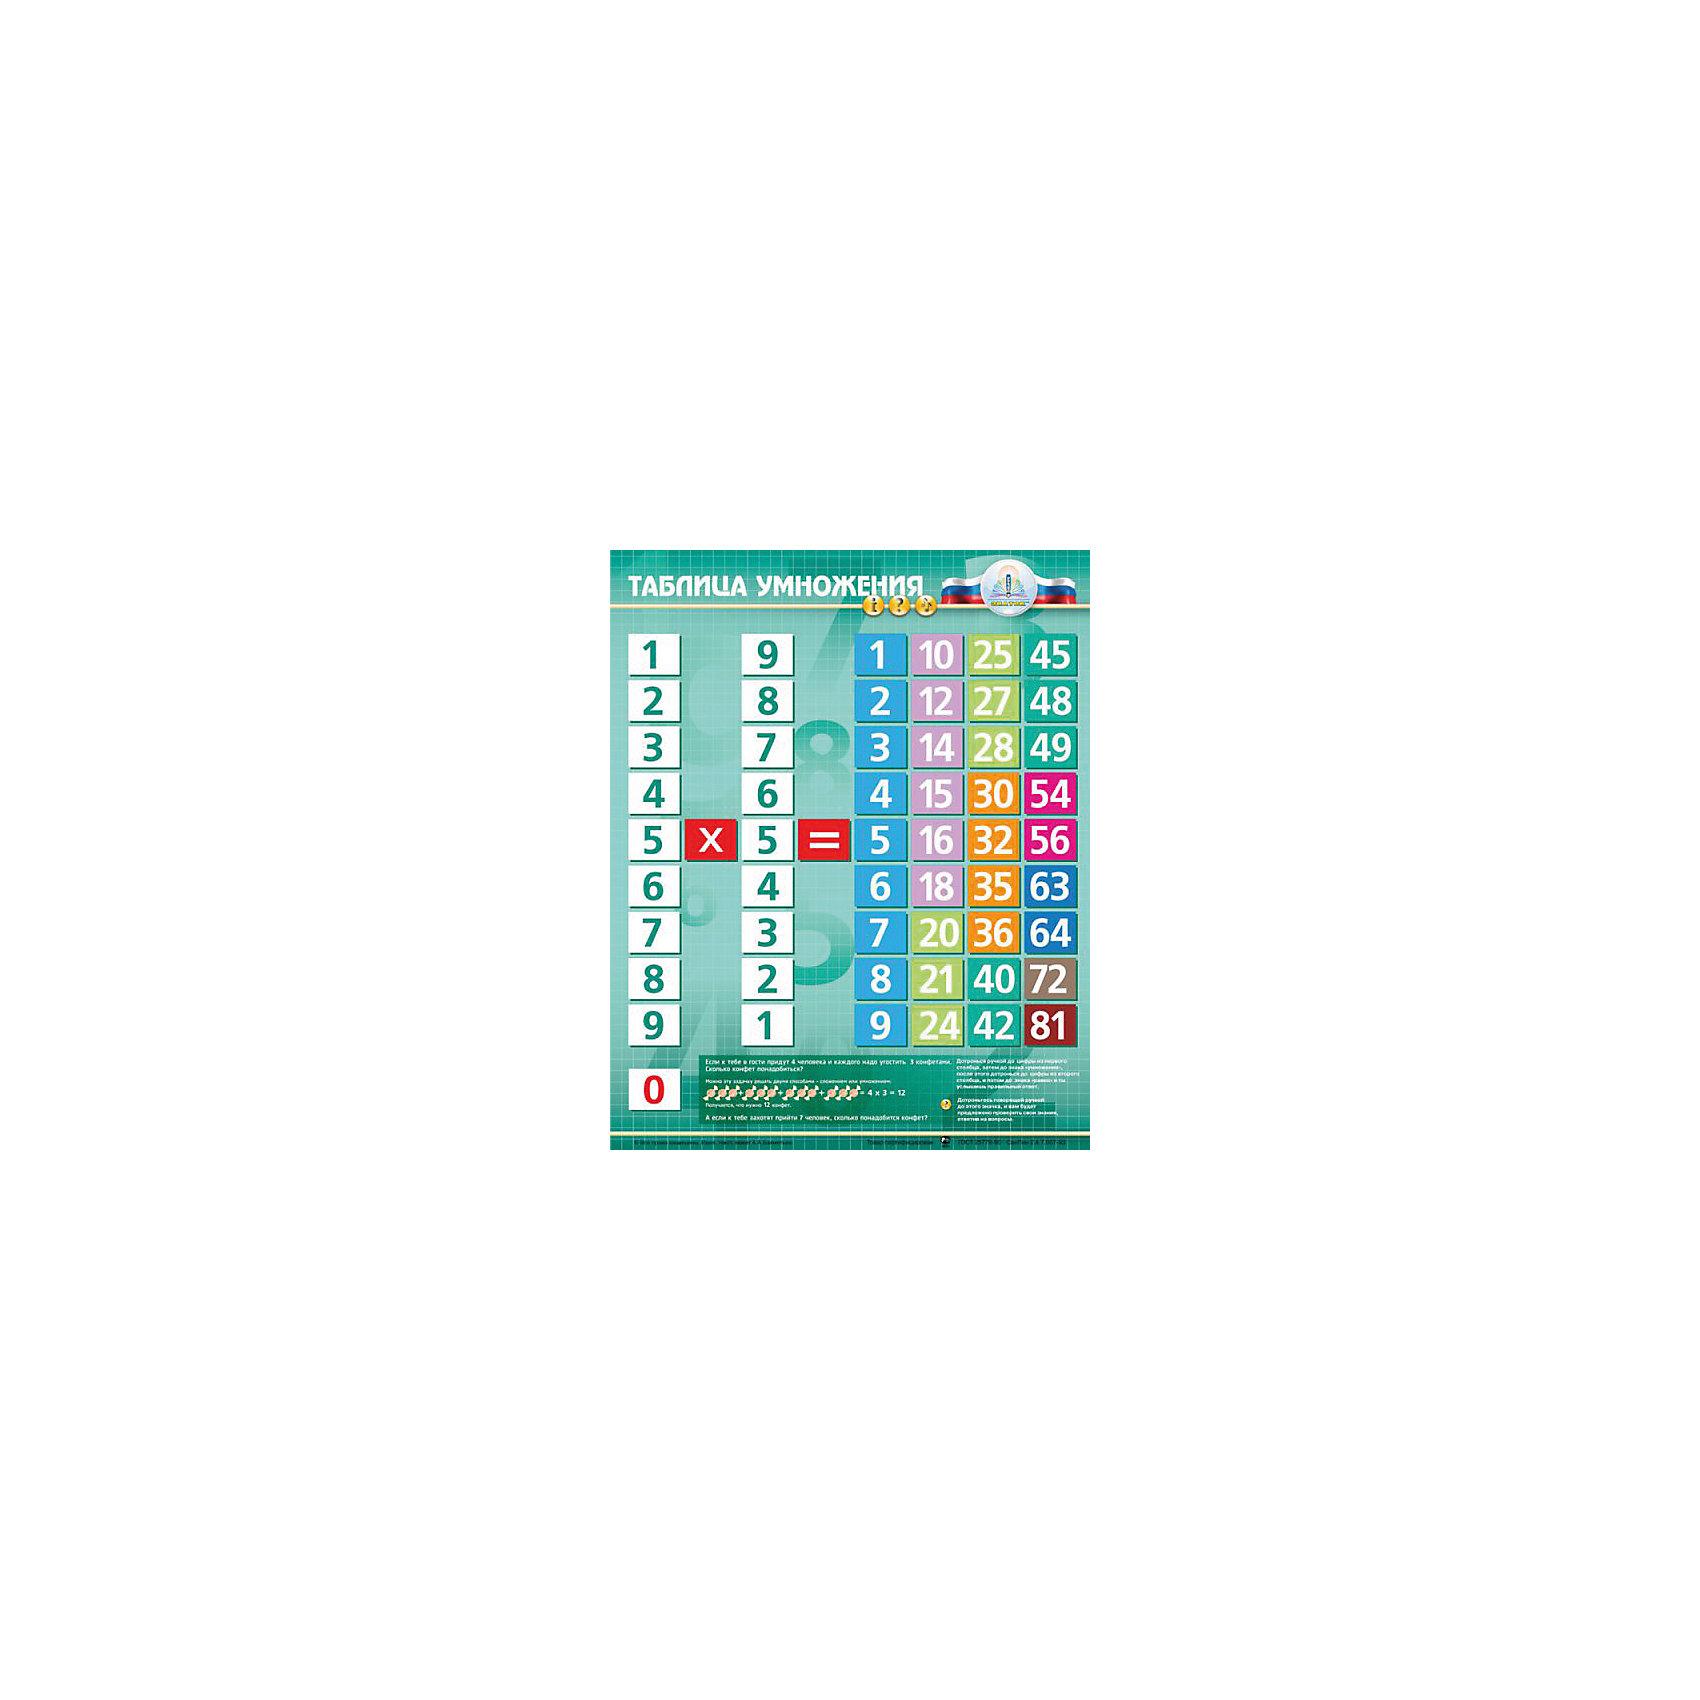 Электронный звуковой плакат Говорящая таблица умноженияЭлектронные плакаты<br>Электронный звуковой плакат Говорящая таблица умножения, Знаток<br><br>Характеристики:<br><br>• поможет ребенку выучить таблицу умножения<br>• регулируемая громкость<br>• сенсорные кнопки<br>• влагозащитная поверхность<br>• материал: пластик, ПВХ<br>• размер упаковки: 48,5х23х4 см<br>• размер плаката: 47х58 см<br>• батарейки: ААА - 3 шт. (входят в комплект)<br>• вес: 500 грамм<br><br>Звуковой плакат от торговой марки Знаток поможет ребенку с легкостью выучить таблицу умножения. Плакат озвучит каждое действие и споет веселую песенку. Модель изготовлена из прочного материала с влагозащищенным покрытием. Сенсорные кнопки удобны как детям, так и взрослым. Громкость звука можно регулировать так, чтобы ребенок мог играть самостоятельно, не отвлекая родителей от важных дел. С этим плакатом ваш малыш с радостью узнает таблицу умножения!<br><br>Электронный звуковой плакат Говорящая таблица умножения, Знаток вы можете купить в нашем интернет-магазине.<br><br>Ширина мм: 230<br>Глубина мм: 40<br>Высота мм: 485<br>Вес г: 500<br>Возраст от месяцев: 36<br>Возраст до месяцев: 1188<br>Пол: Унисекс<br>Возраст: Детский<br>SKU: 2403144